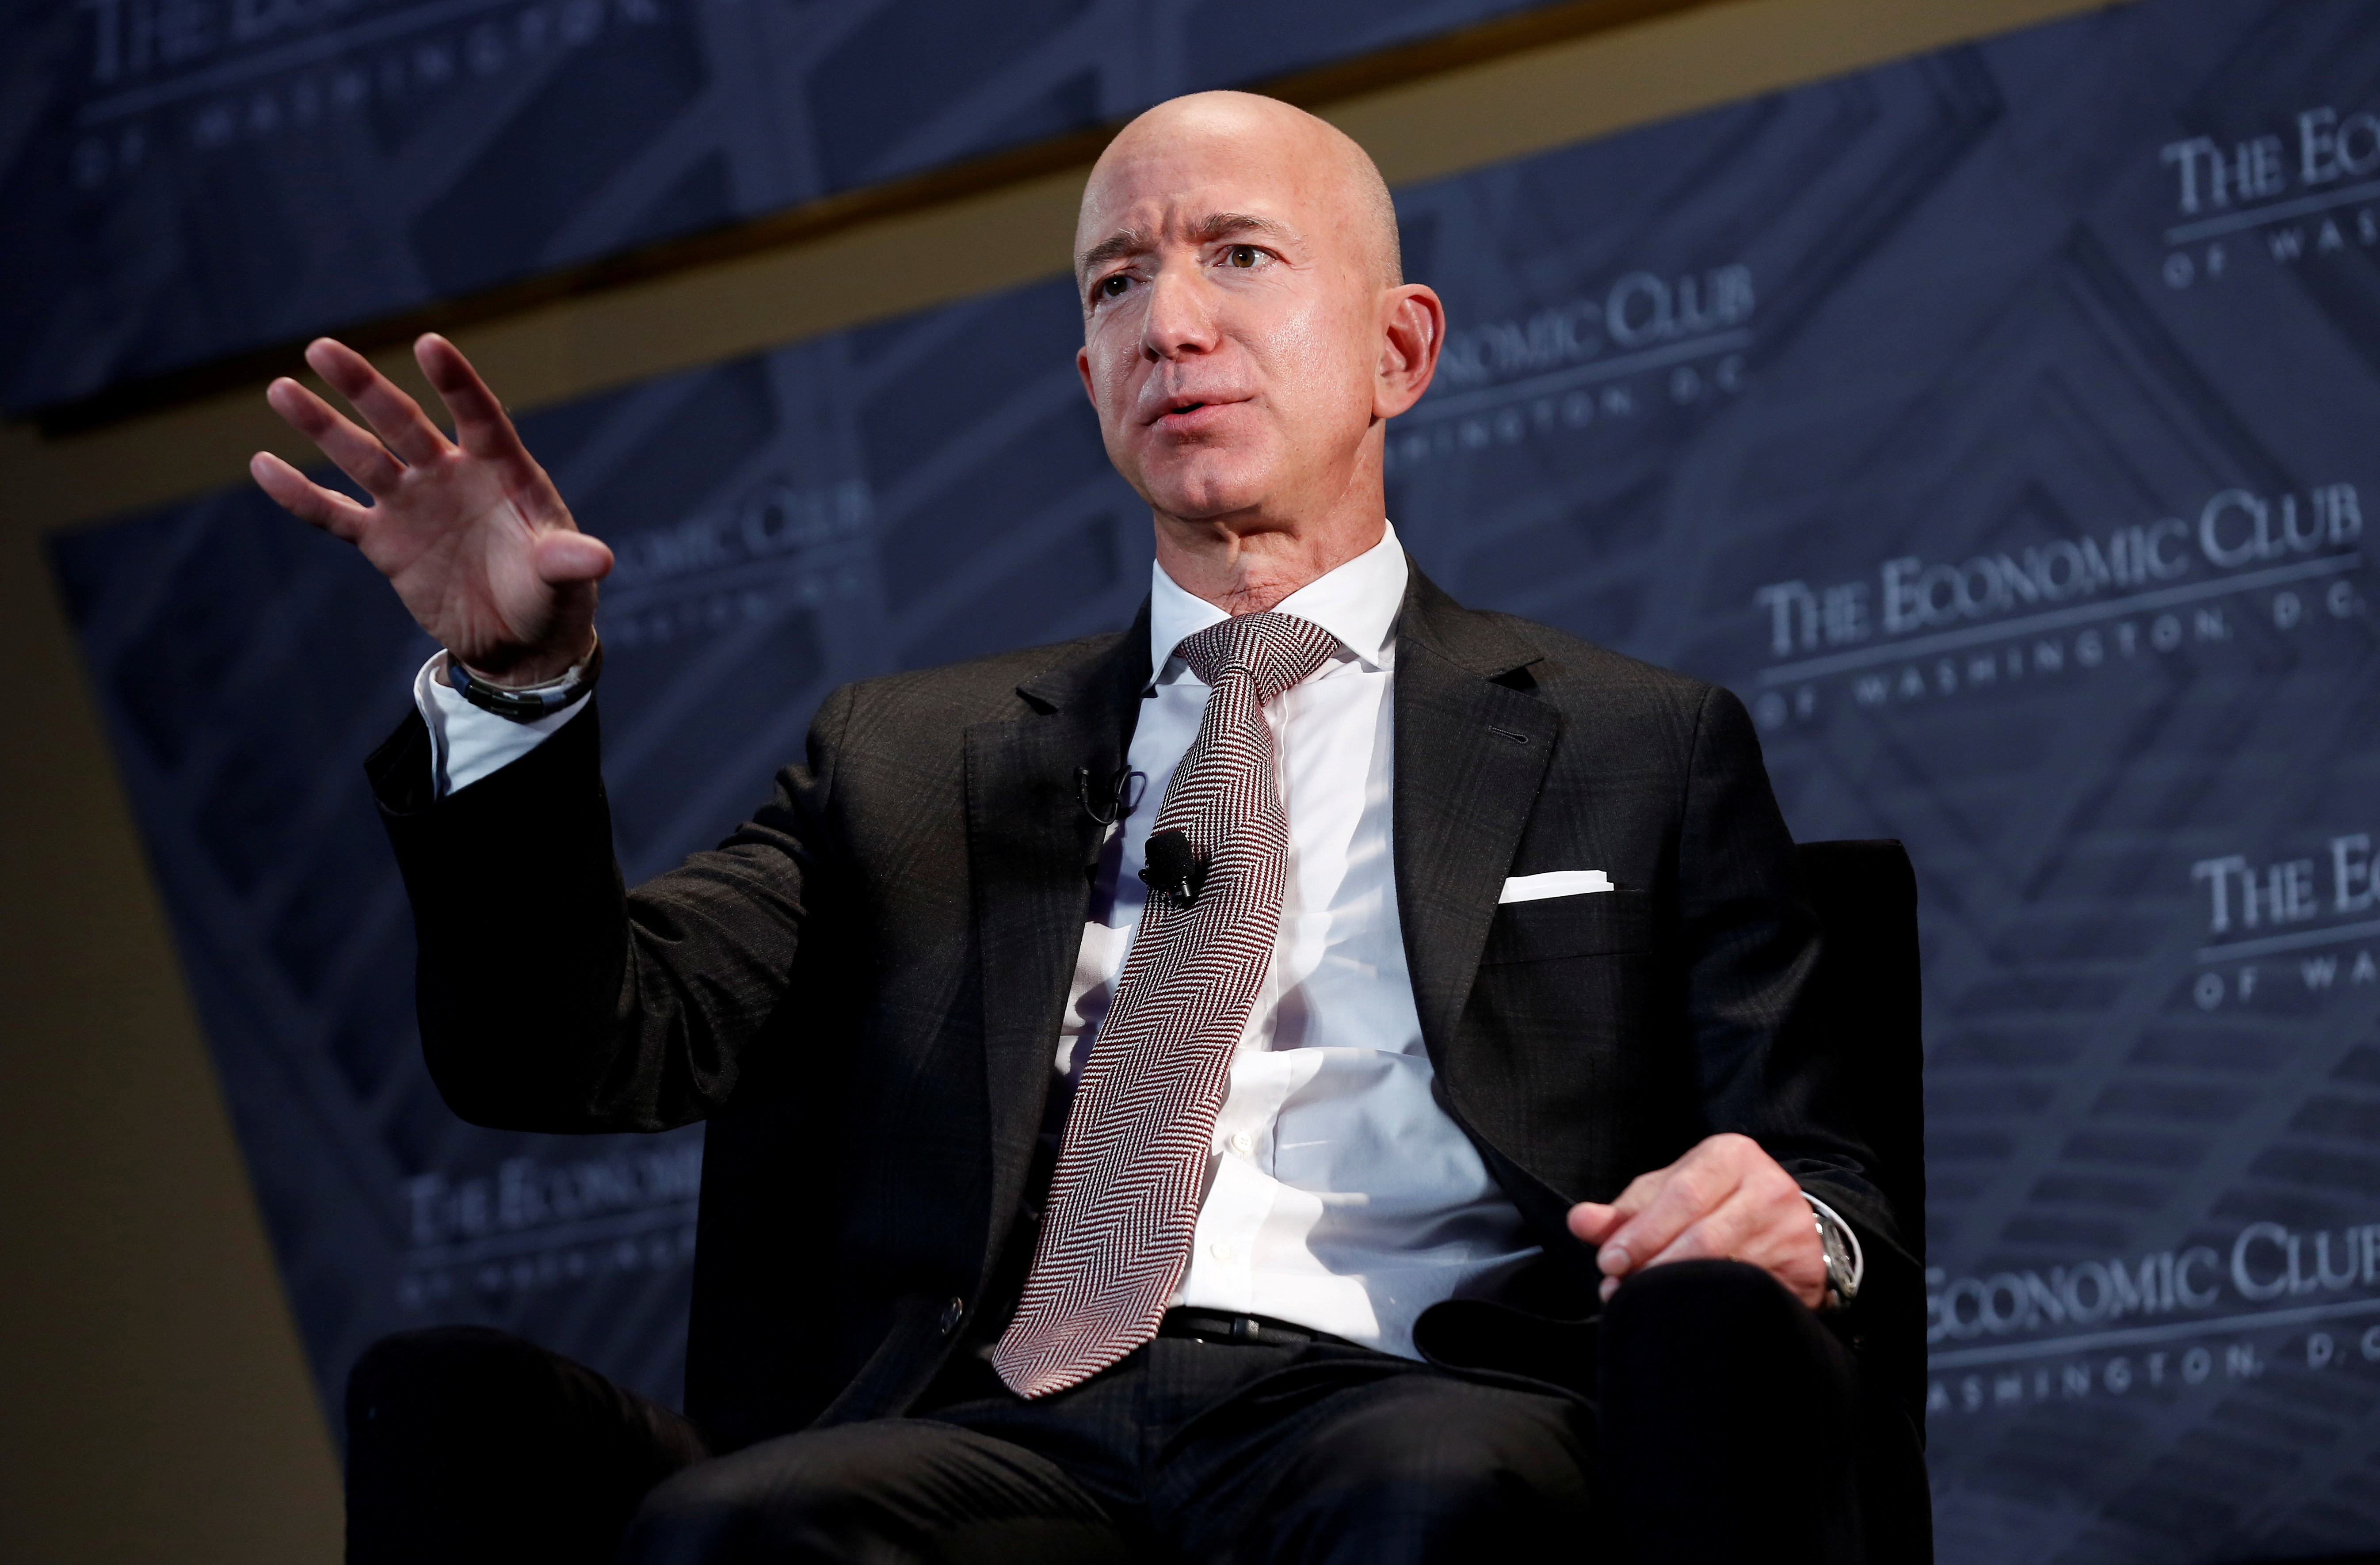 Em última carta para acionistas, Jeff Bezos diz que Amazon precisa tratar melhor seus funcionários